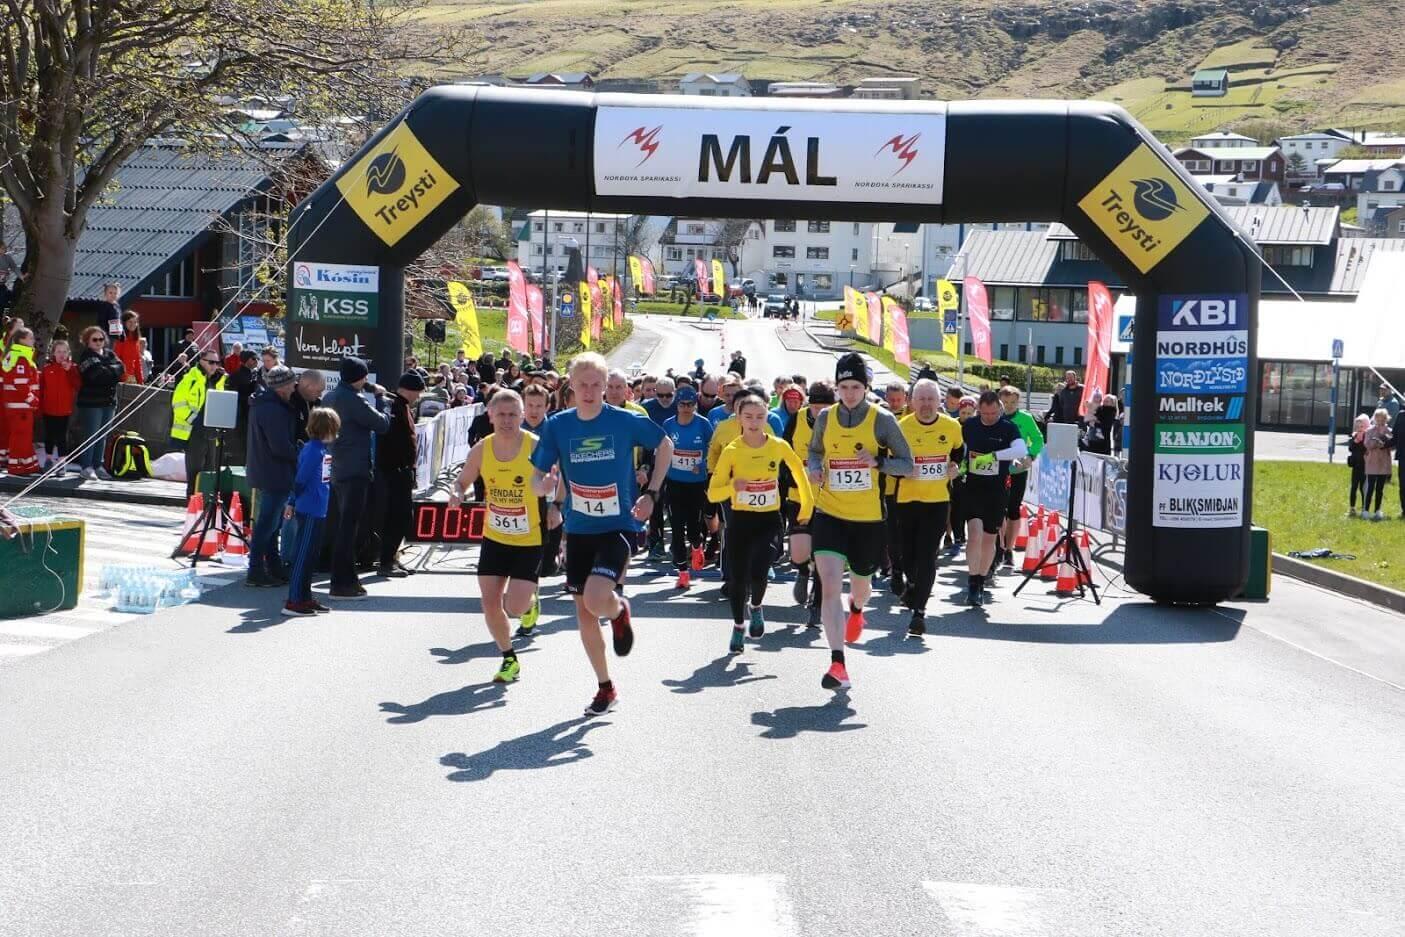 NS Hálvmaraton Klaksvík 2021/FM